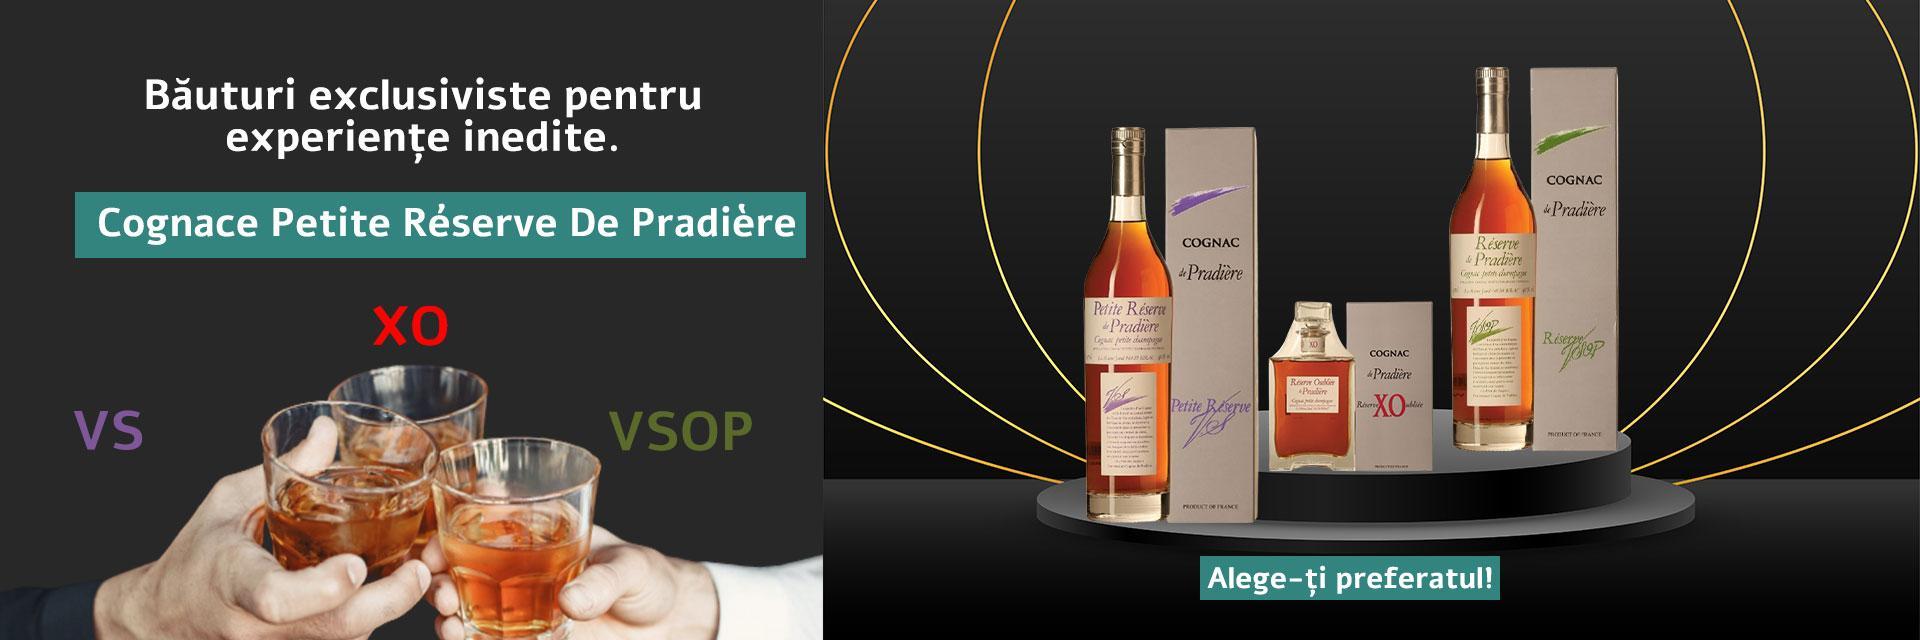 Cognac Petit Reserve de Pradiere